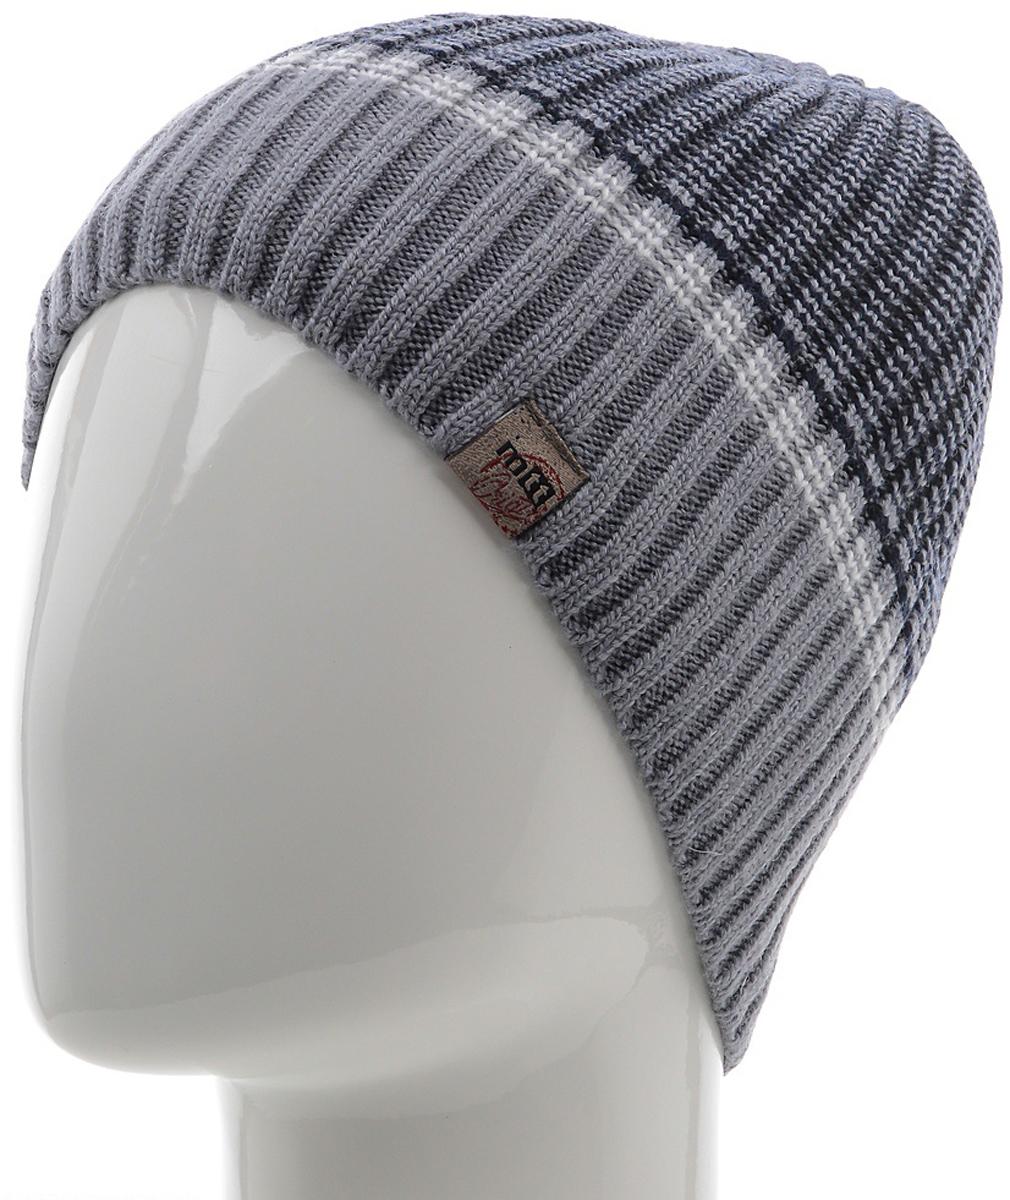 Шапка мужская Marhatter, цвет: серый. Размер 61/63. MMH7184/2MMH7184/2Универсальная шапка, отлично подходит под любой стиль одежды. Сдержанный строгий дизайн, деликатная отделка и классические цвета.